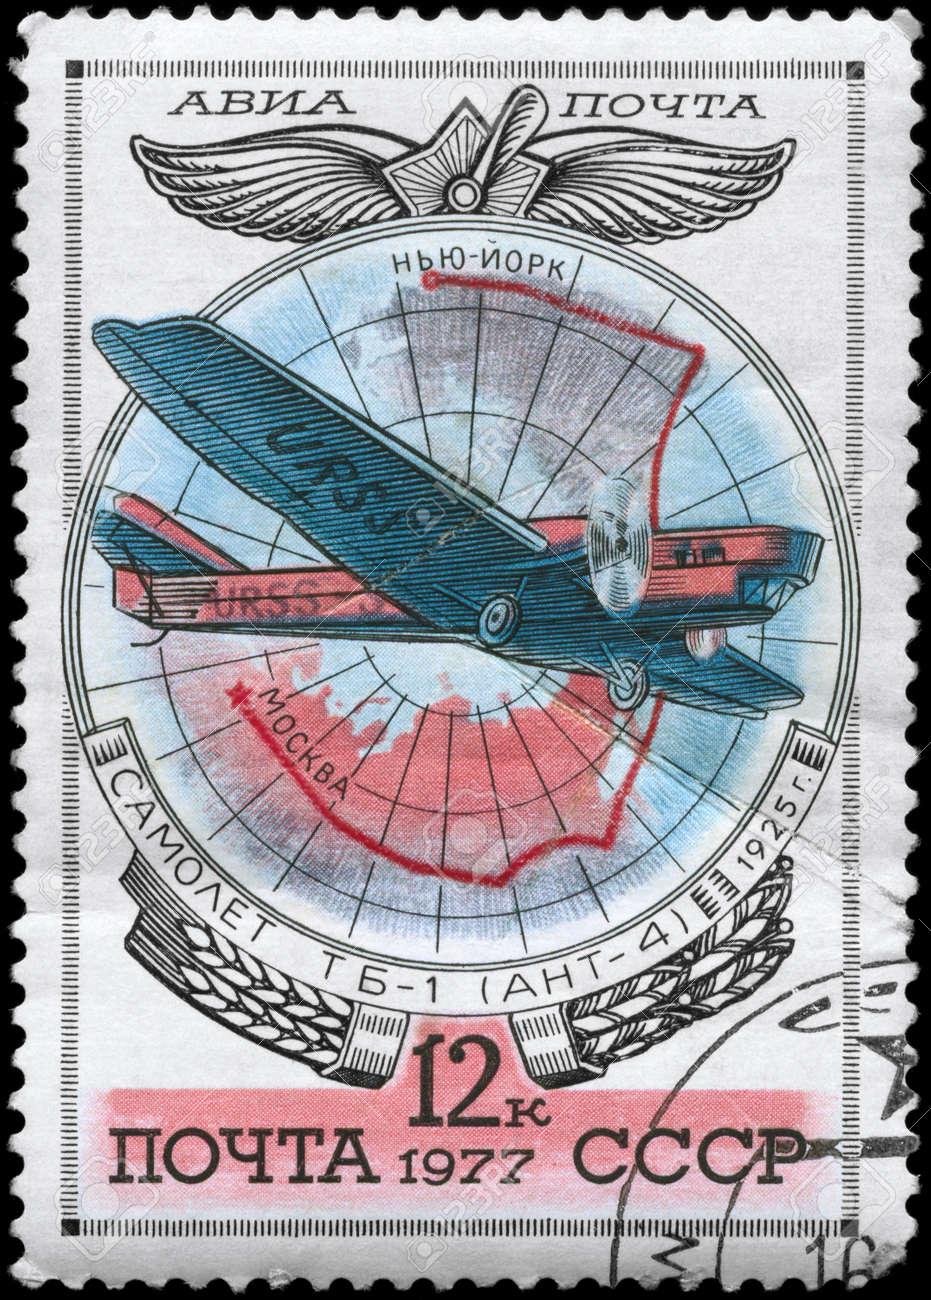 ソビエト連邦 - 1977 年ごろ: A ...